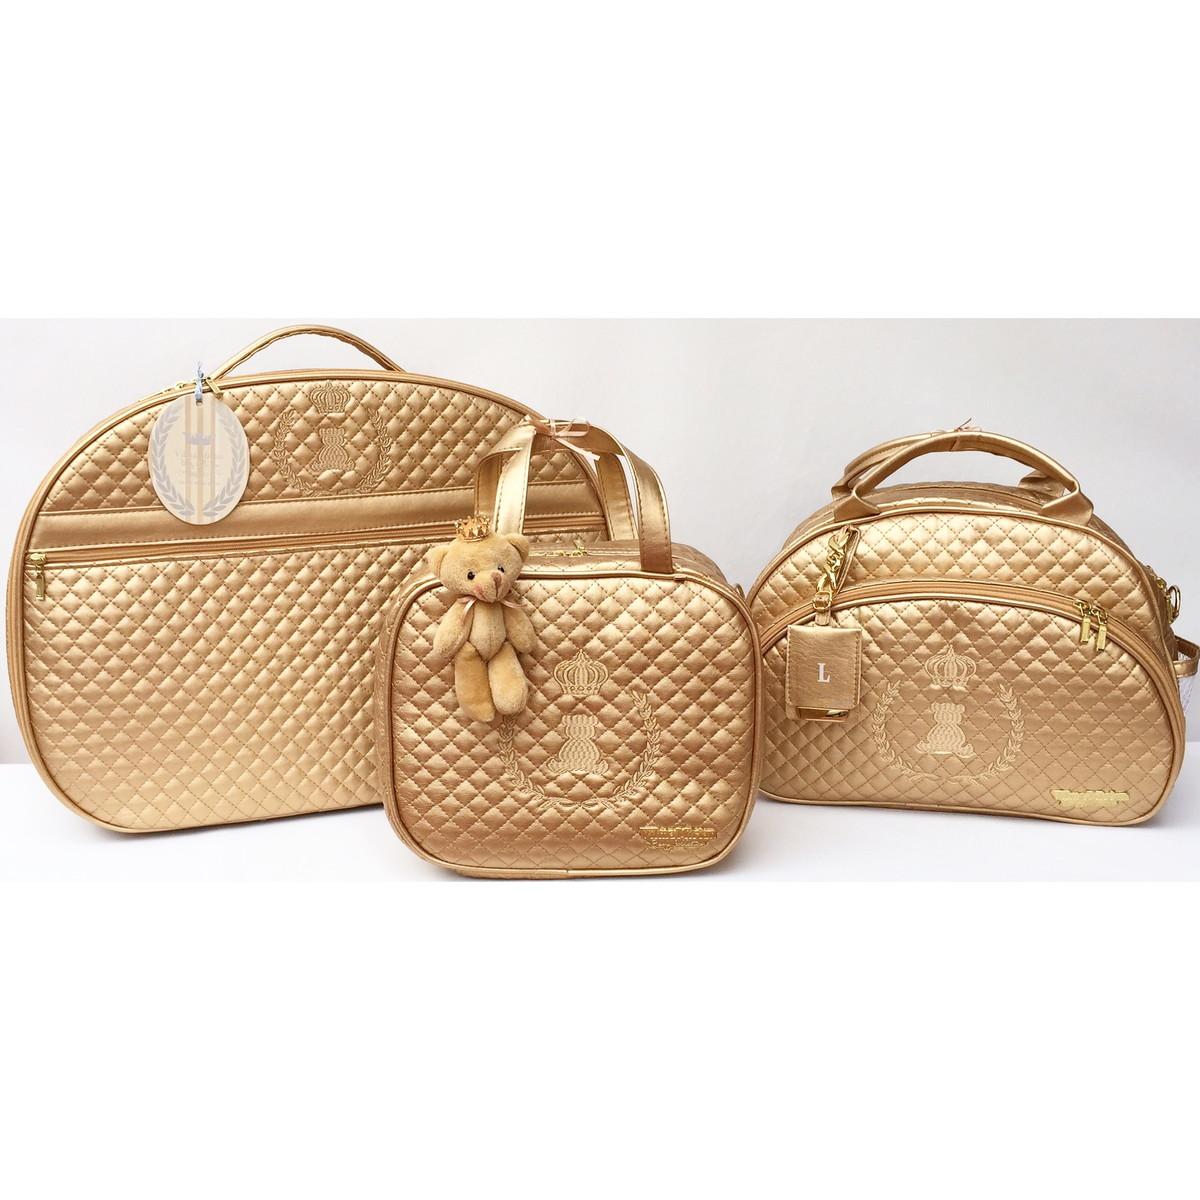 Bolsa Dourada De Maternidade : Bolsa maternidade master luxo ouro vilma mirian baby